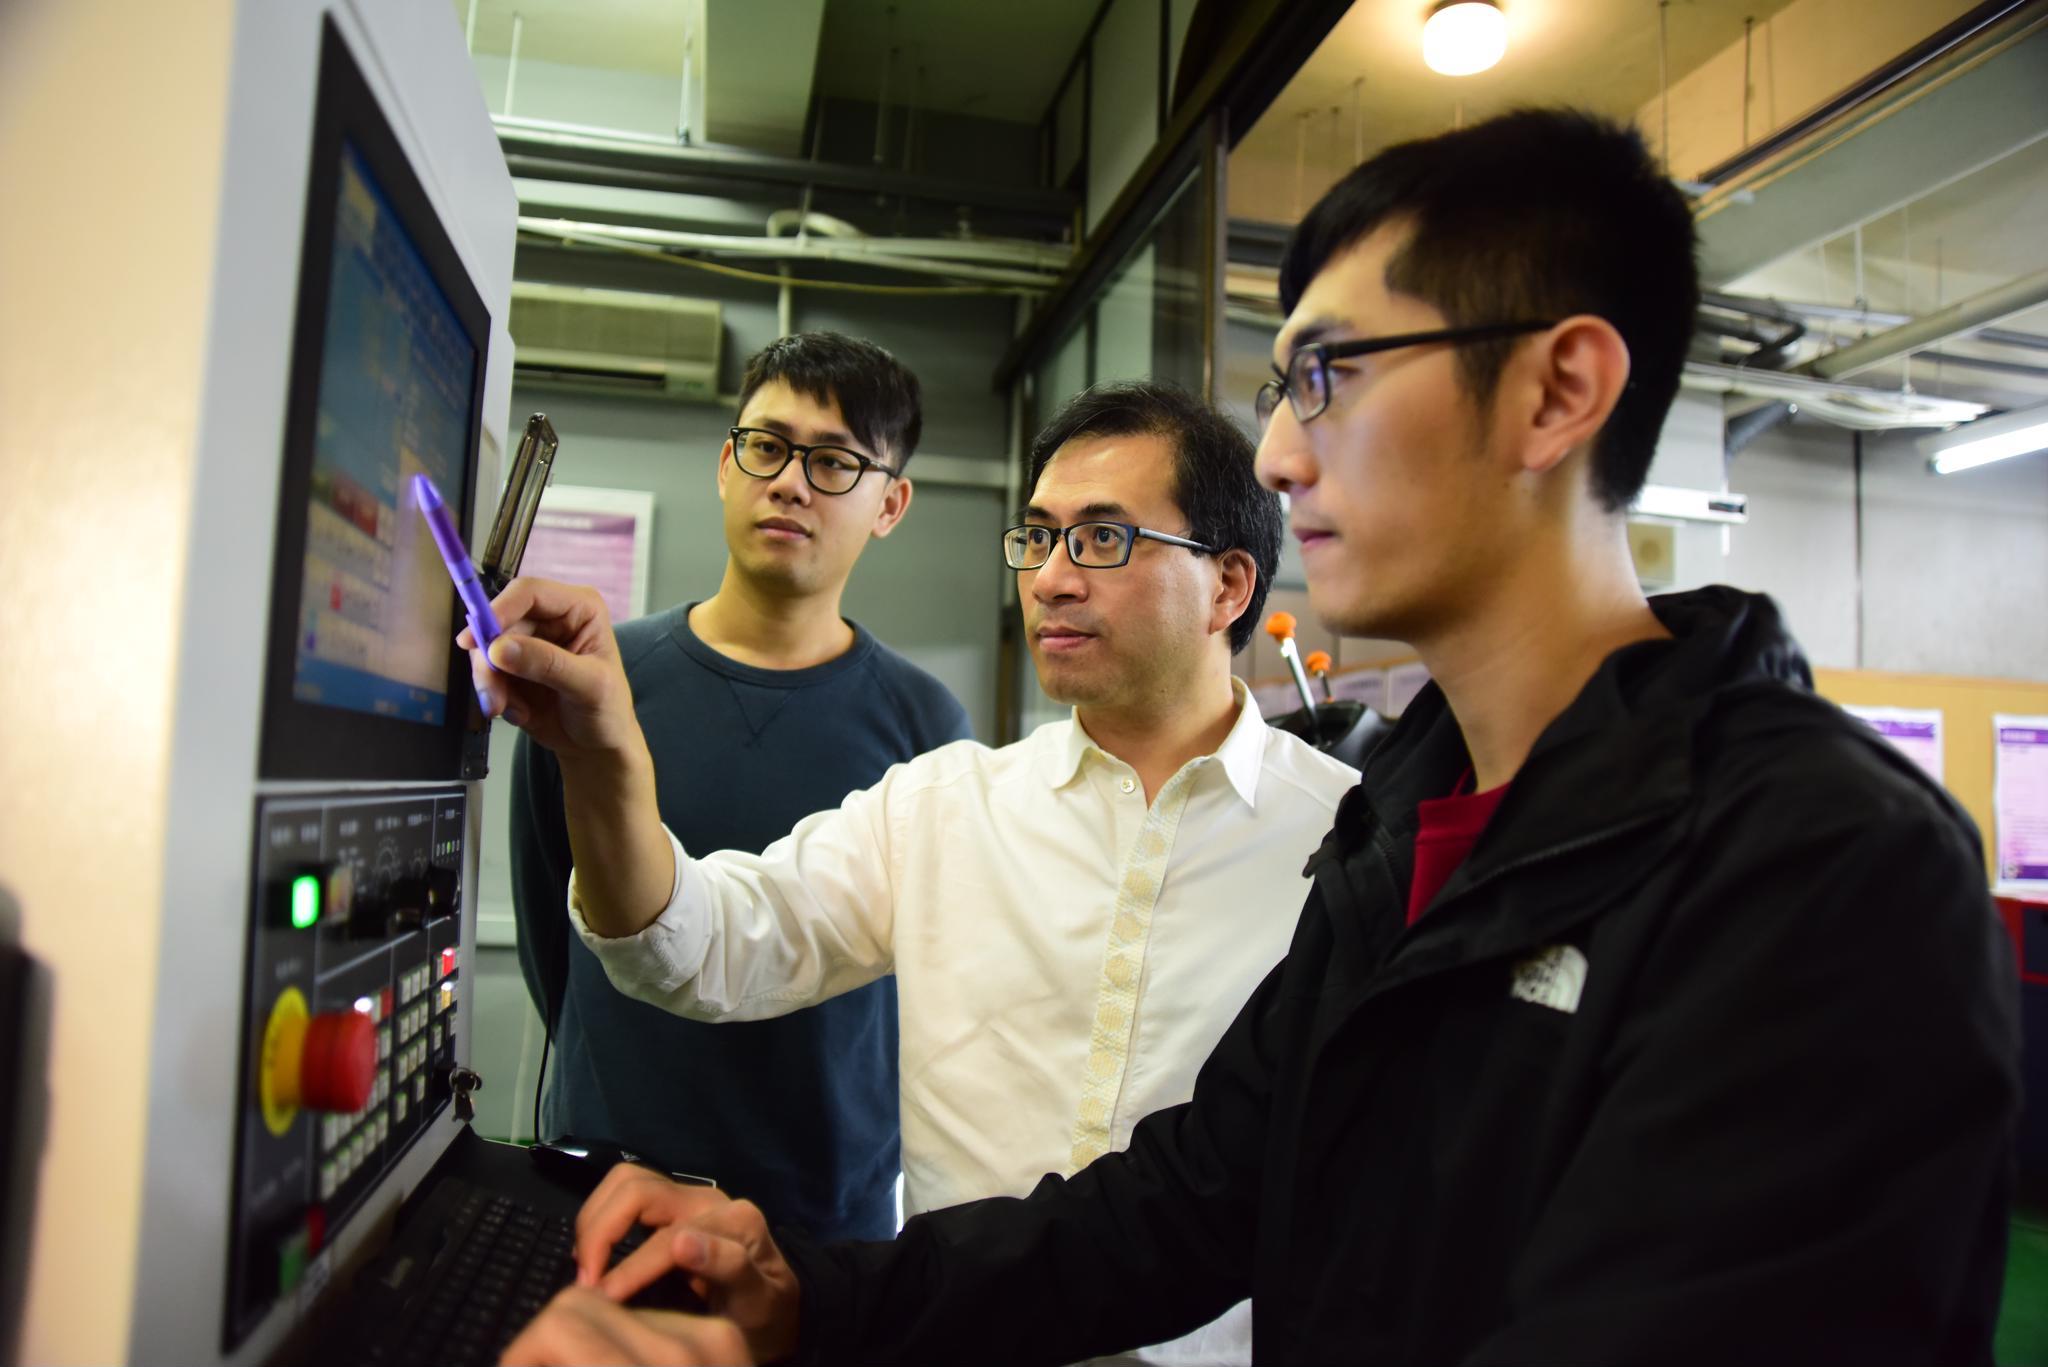 106研究傑出教師 ─ 從單一研究到跨域整合 解決問題的「工業4.0」專家  機械系王世明:善用科技幫助生活!